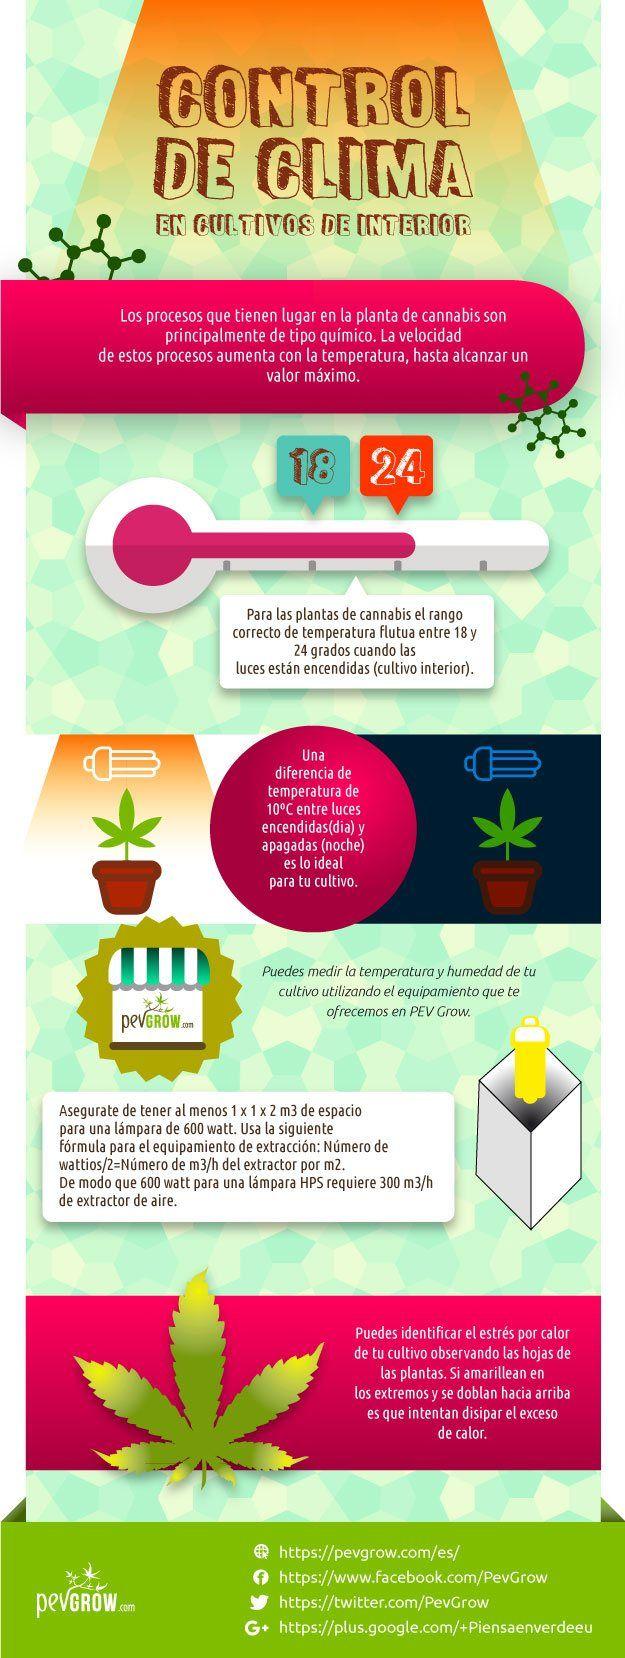 Infografia sobre control de clima